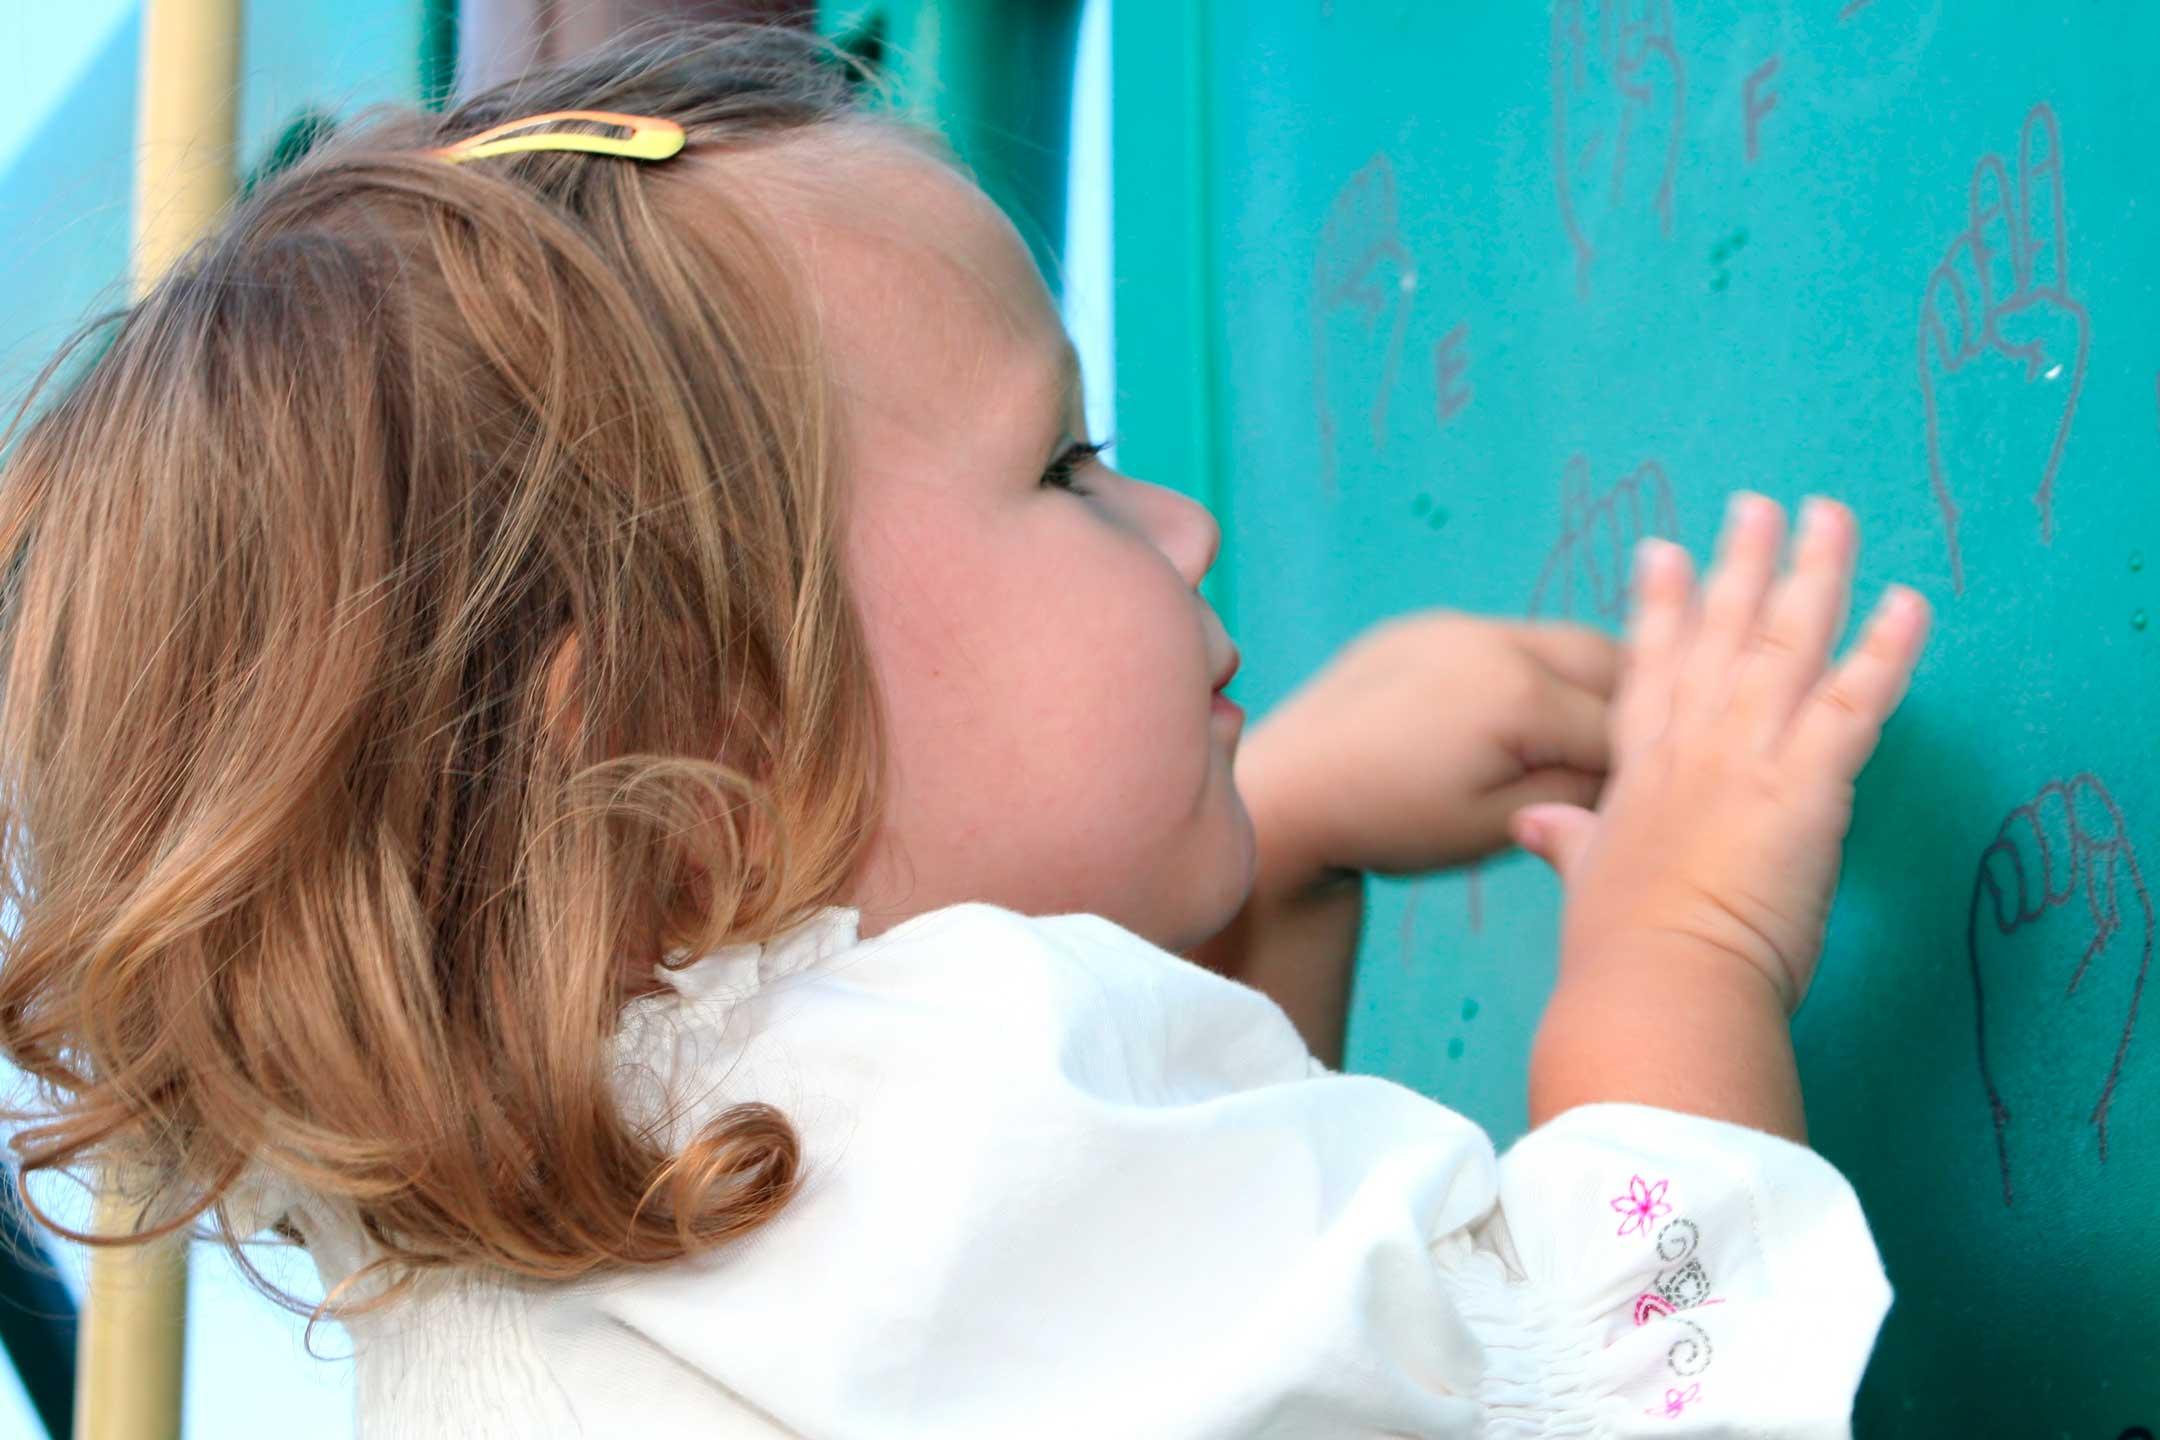 Seinä, johon on painettu viittomakielen sormiaakkosia. Seinän edessä pieni lapsi koskettelee seinän kuvia ja yrittää muodostaa sormillaan kuvissa olevia sormiaakkosia.